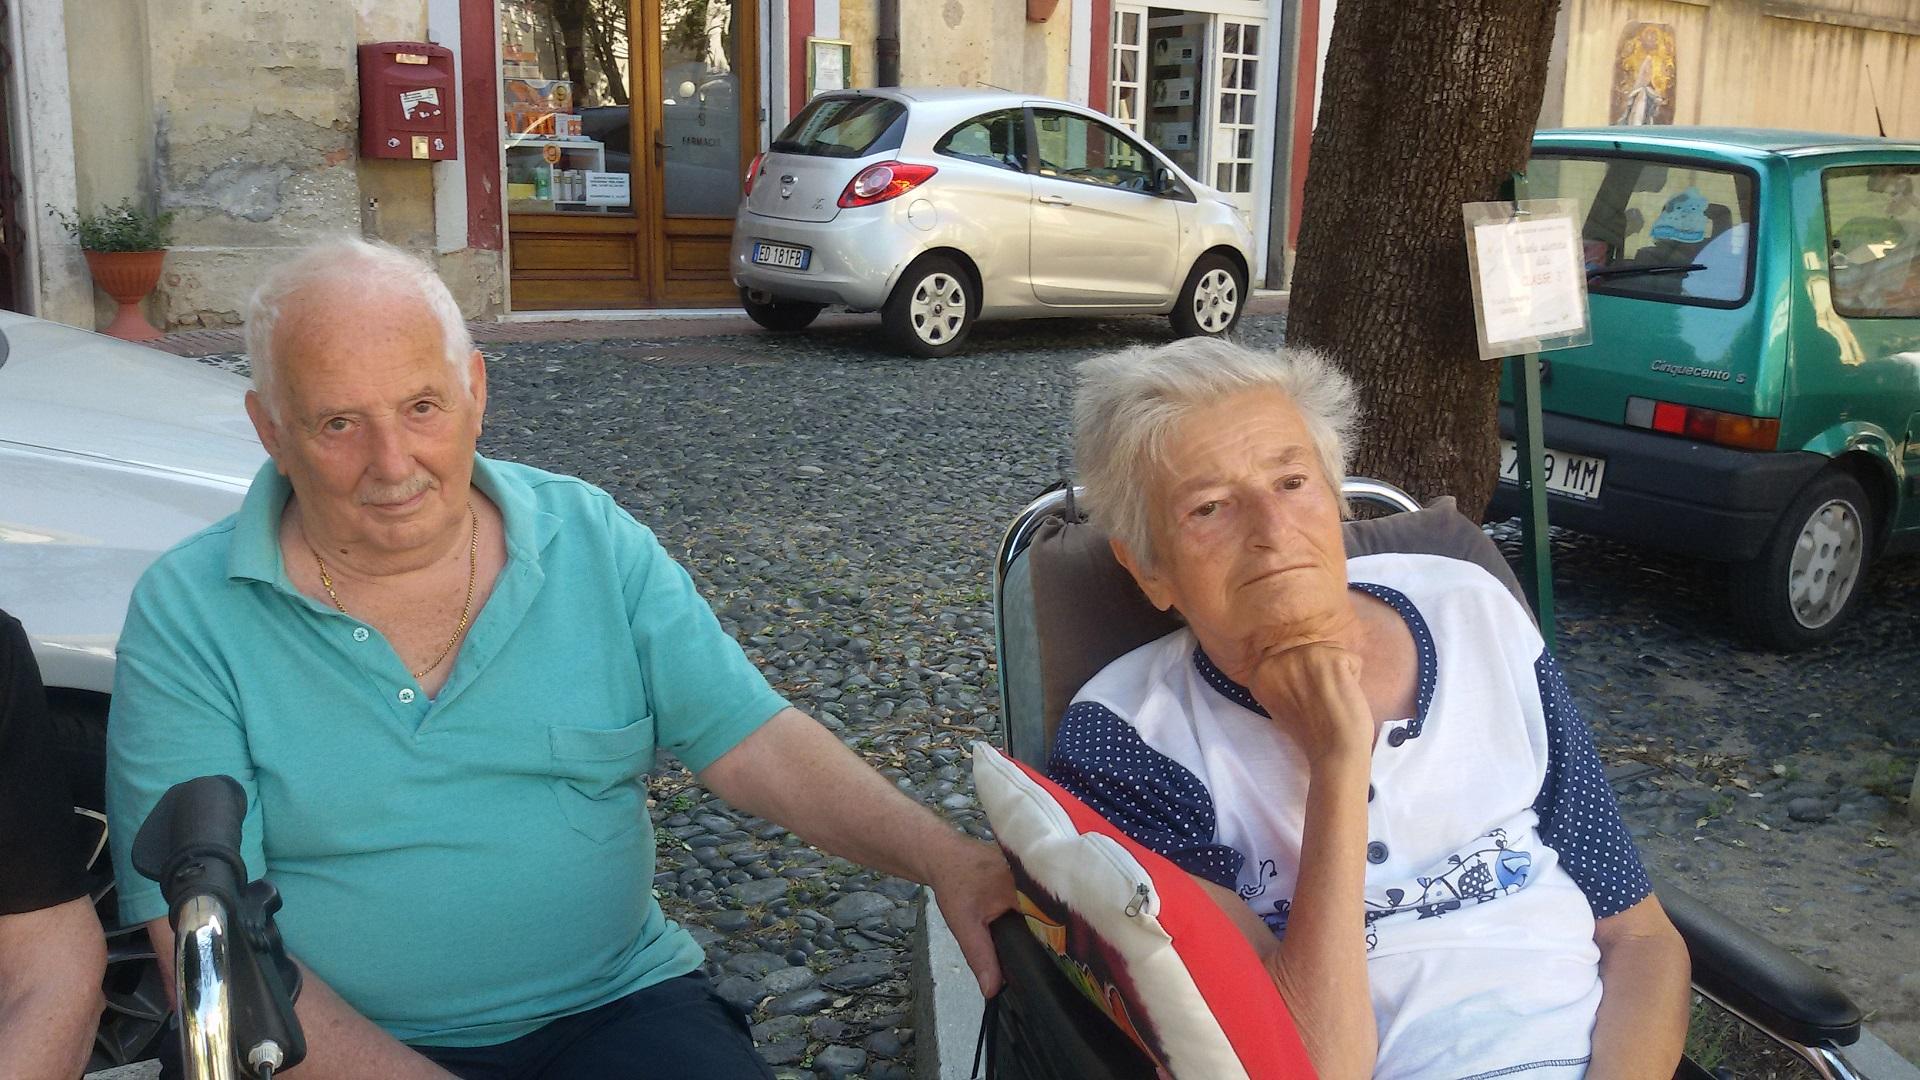 Merenda in piazza Residenza Sanitaria Assistenziale Santuario - Opere Sociali Servizi Savona